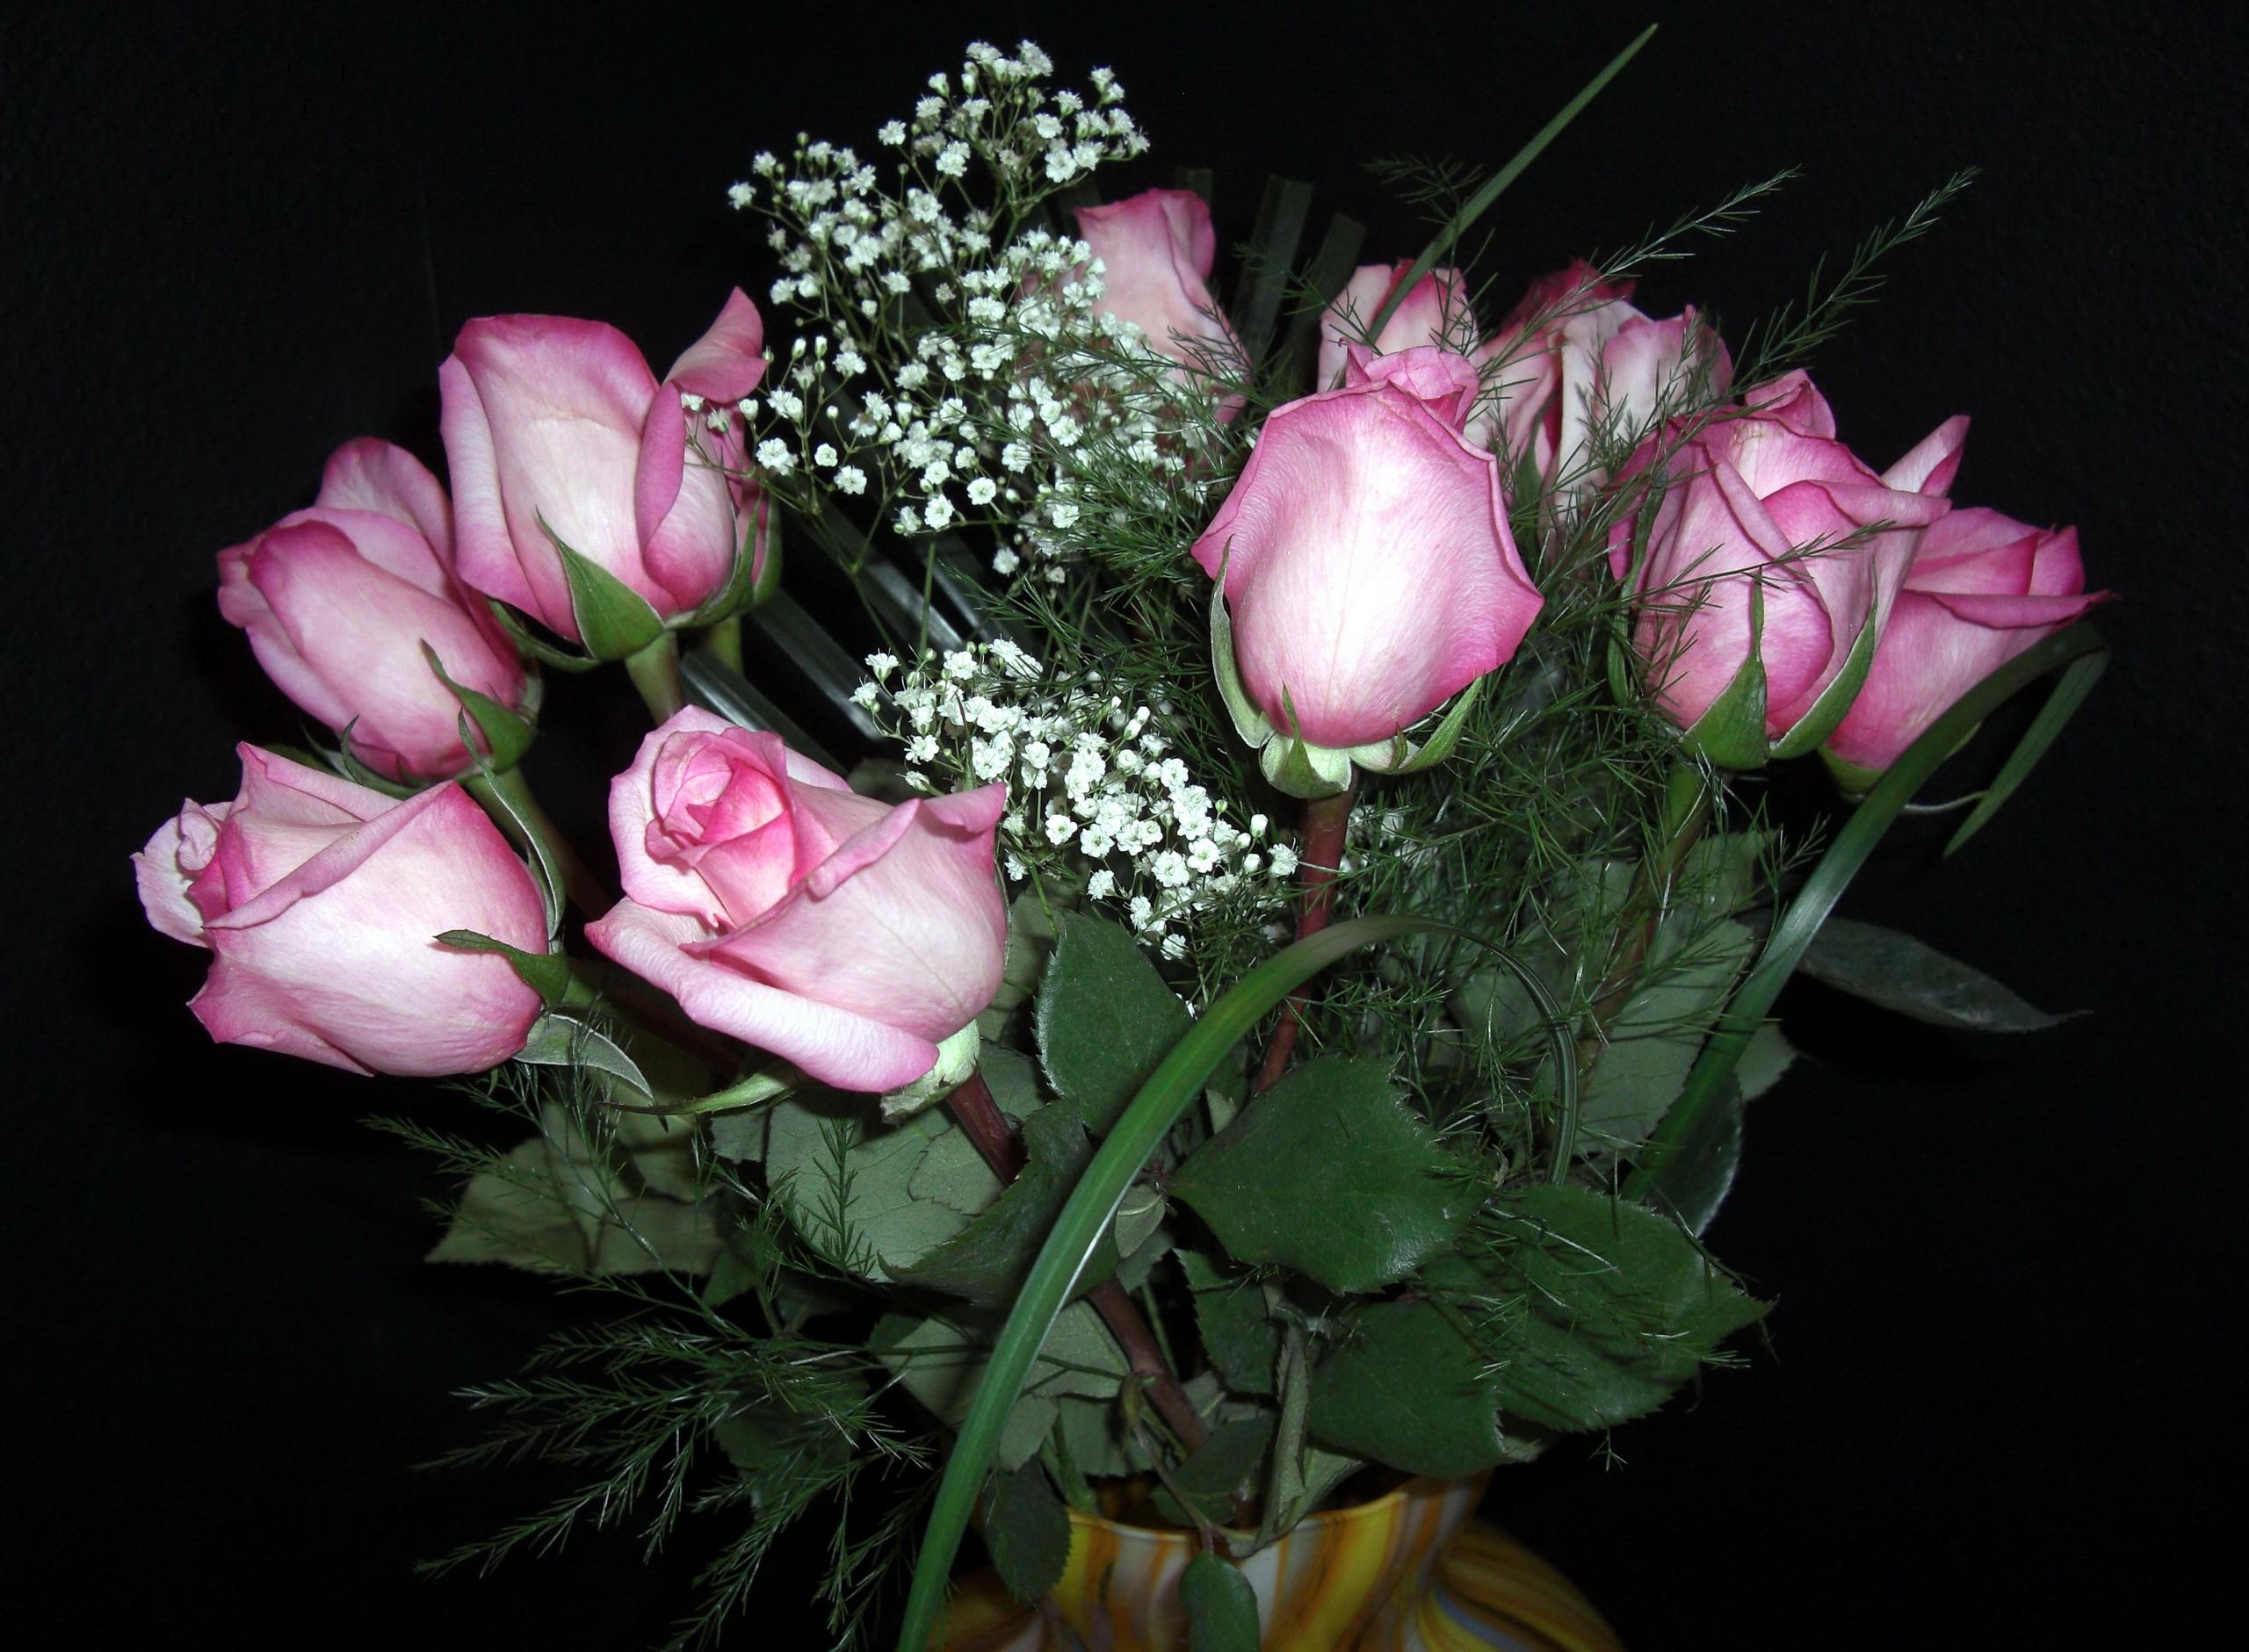 79008 скачать обои Цветы, Гипсофил, Букет, Ваза, Розы - заставки и картинки бесплатно